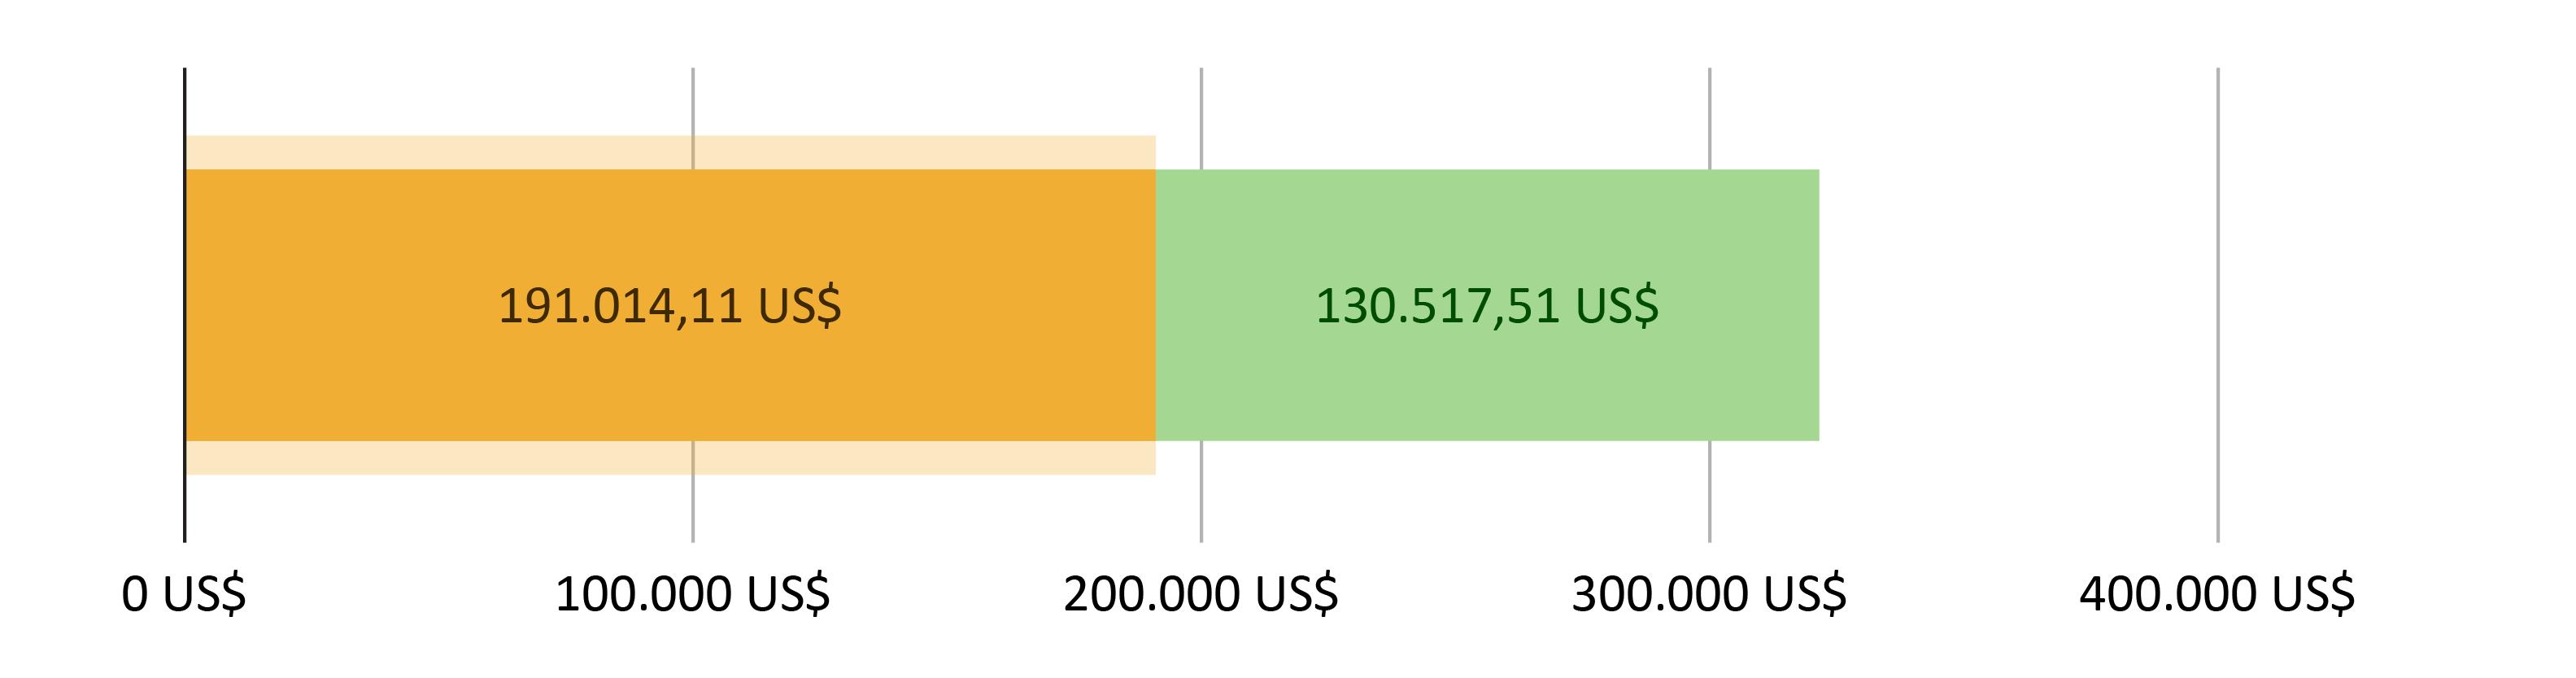 191.014,11 US$ donati; 130.517,51 US$ rimanenti